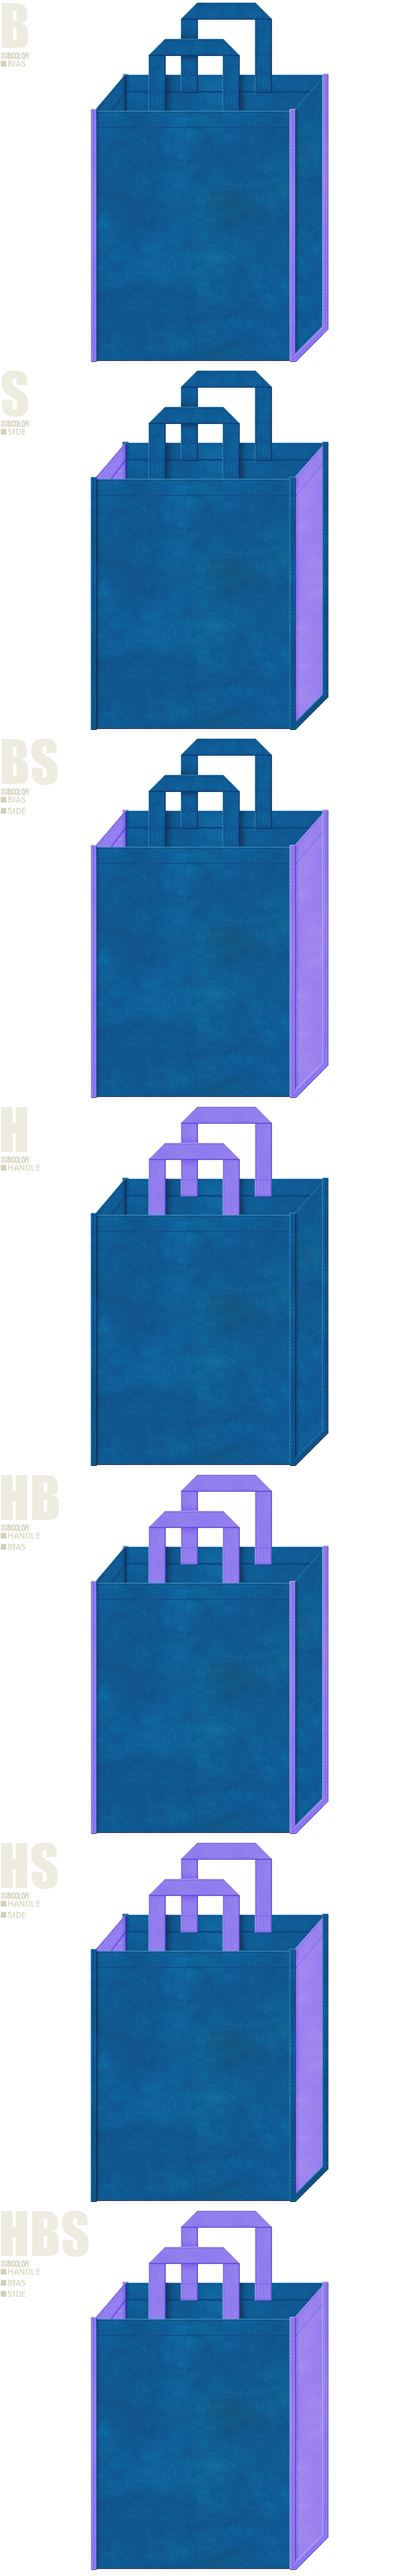 青色と薄紫色の不織布バッグデザイン:配色7パターン